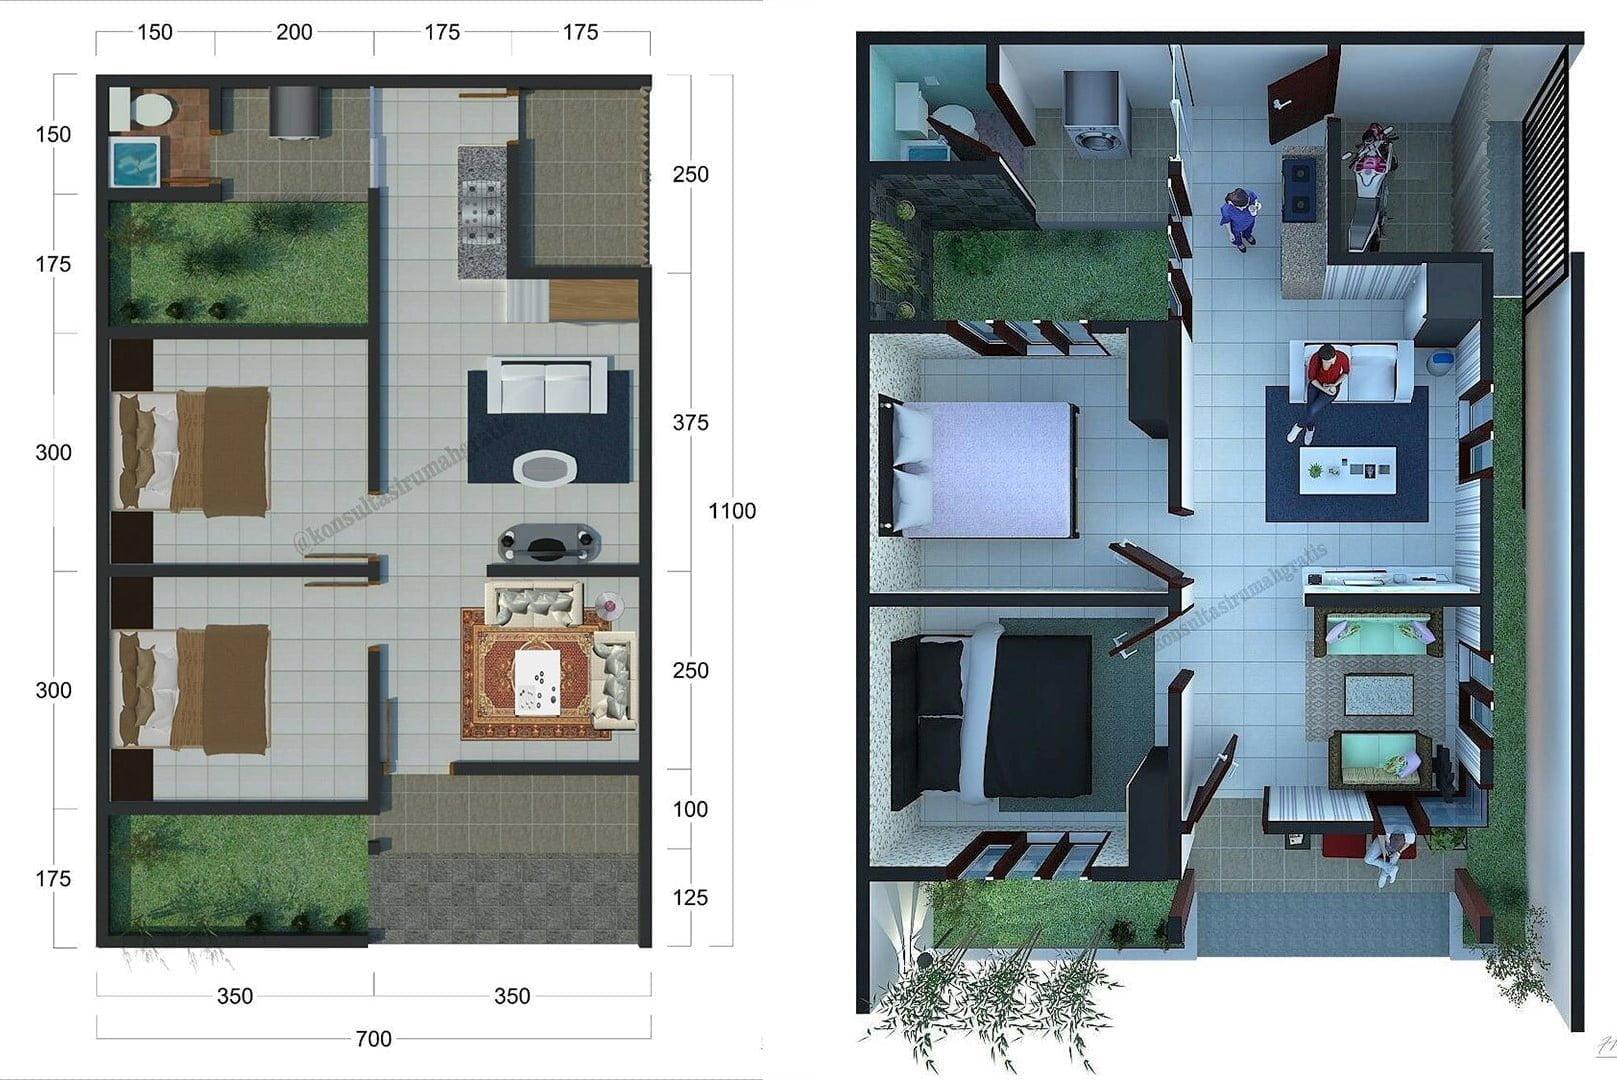 38 Ide Desain Denah Rumah Minimalis Sederhana 2 Lantai ...